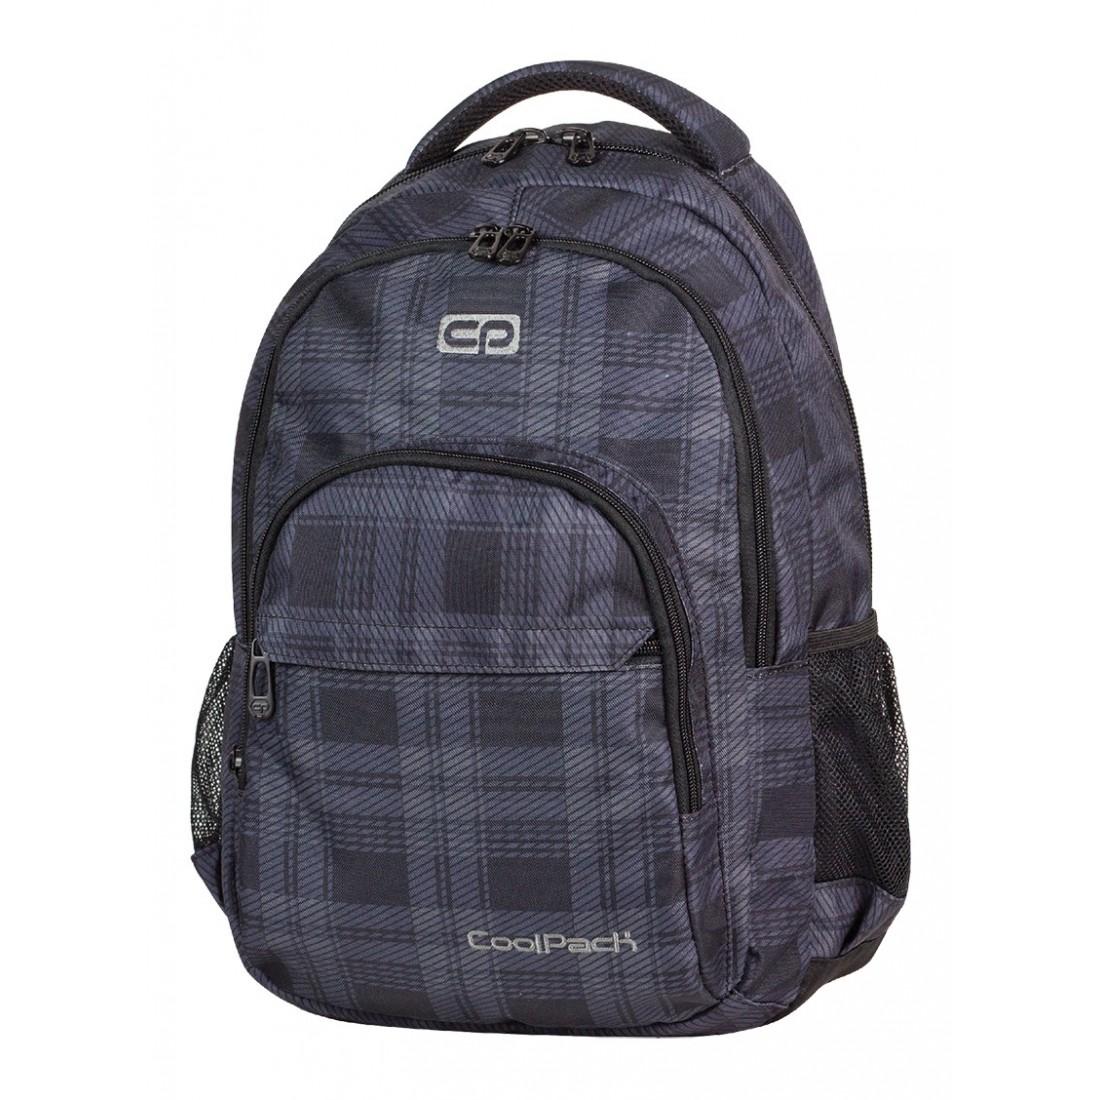 Plecak młodzieżowy CoolPack CP lekki czarno - szary w kratkę BASIC DERBY 368